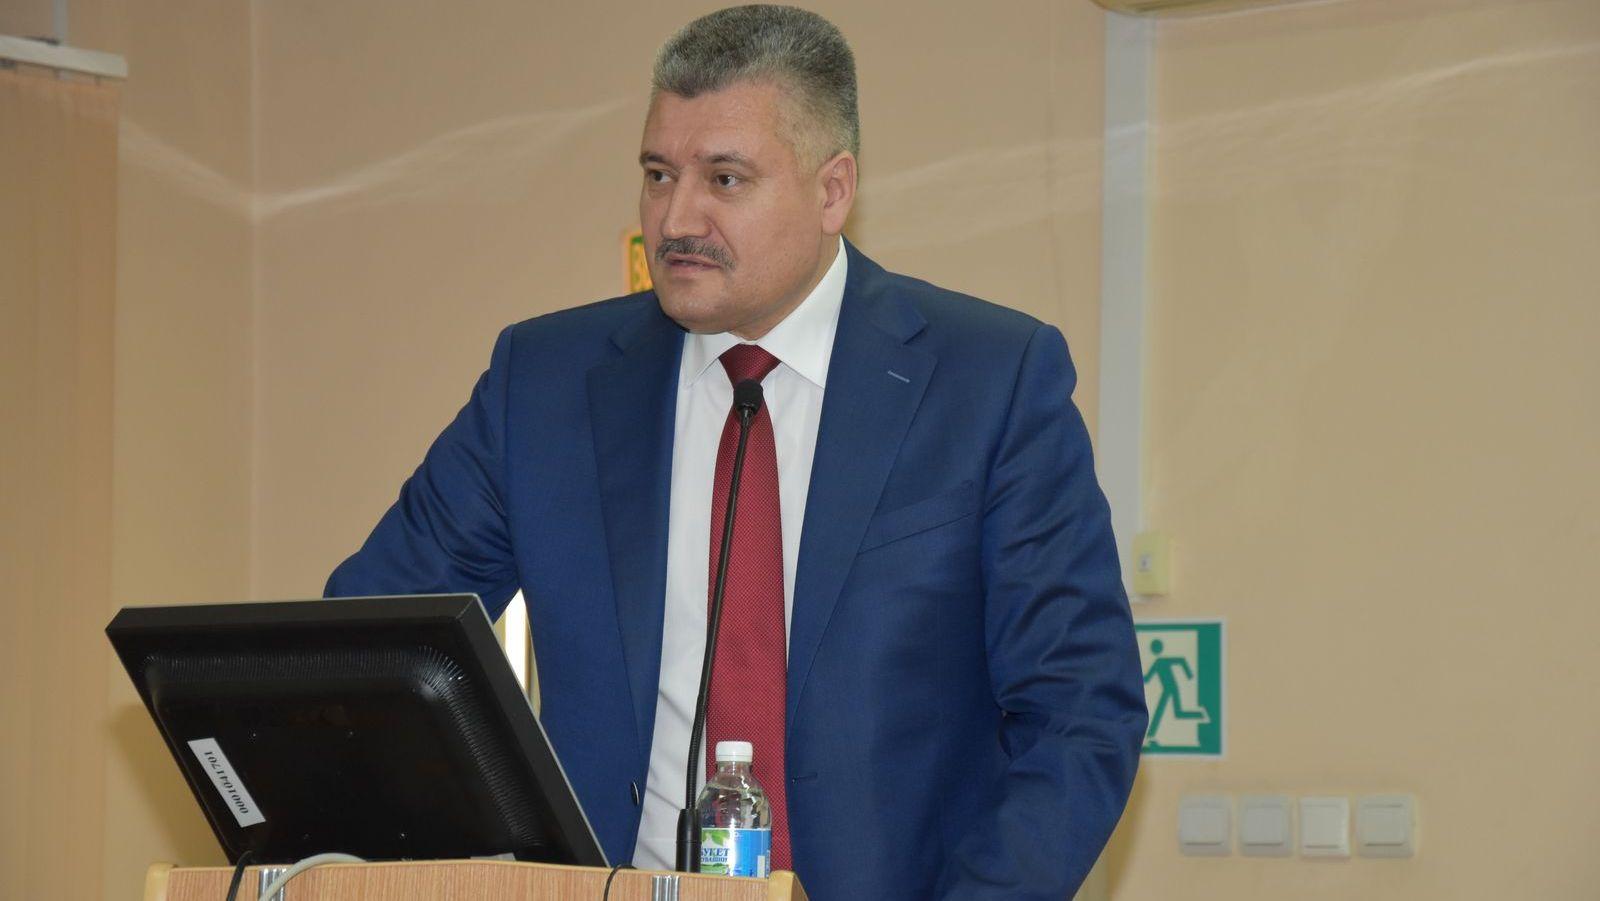 Руководитель Министерства здравоохранения Чувашии поведал обесплодии соблазнительно активных женщин